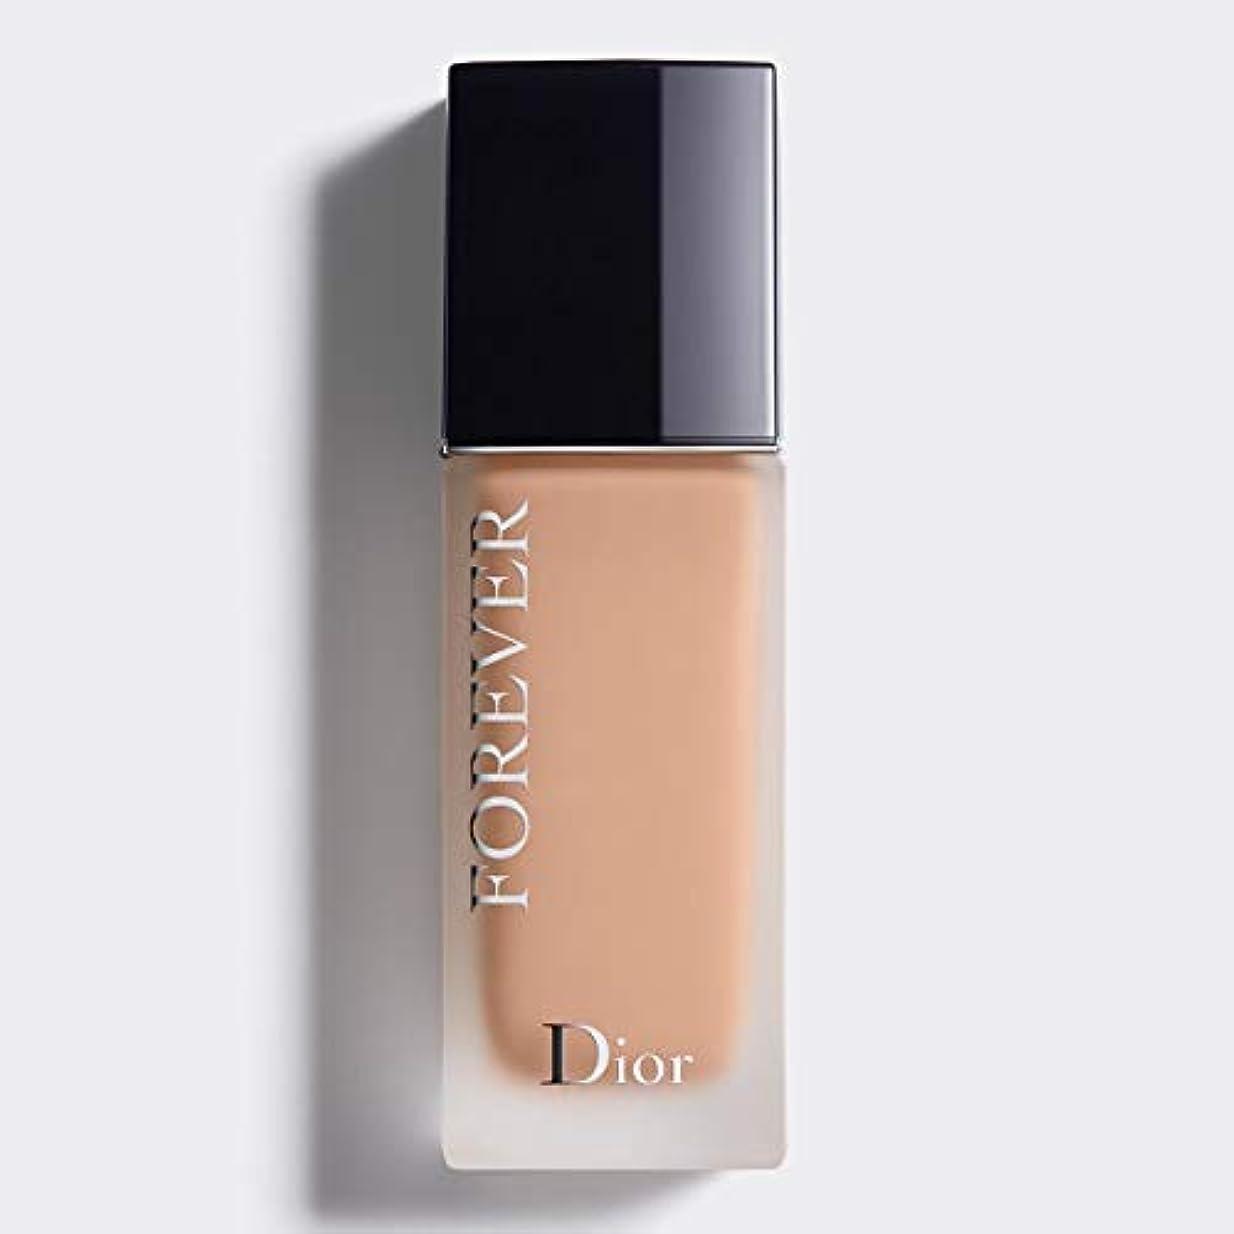 アトラス灌漑パネルクリスチャンディオール Dior Forever 24H Wear High Perfection Foundation SPF 35 - # 3CR (Cool Rosy) 30ml/1oz並行輸入品